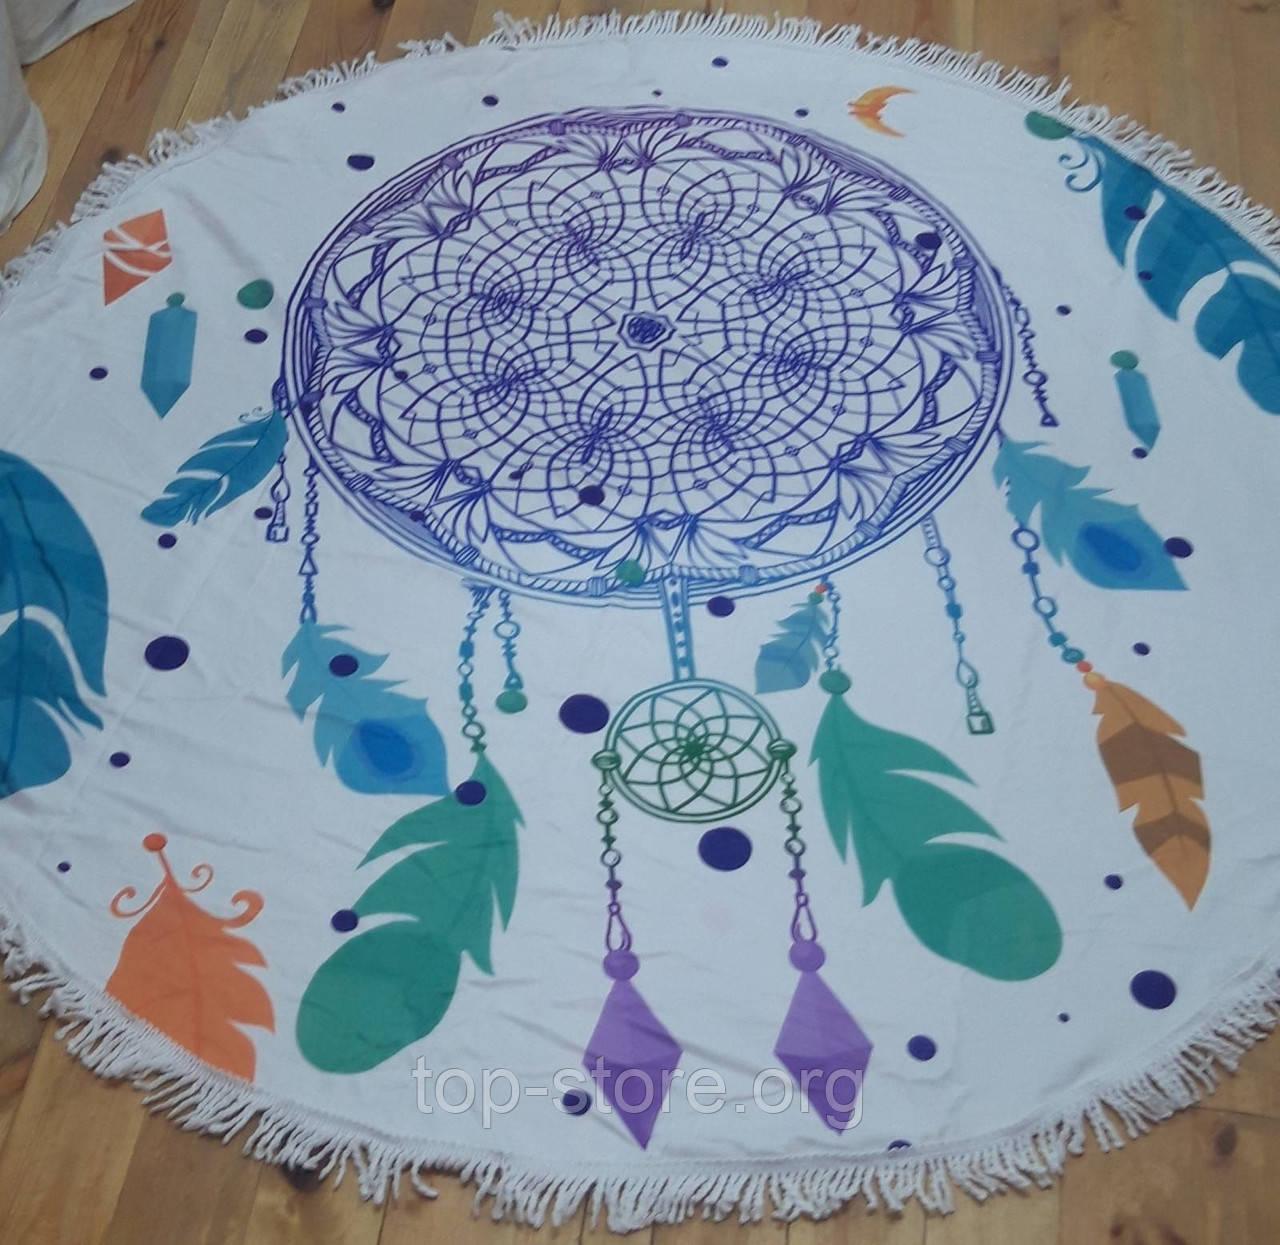 Пляжний килимок рушник  Підстилка на пляж і пікнік Розмір 150*150 см.